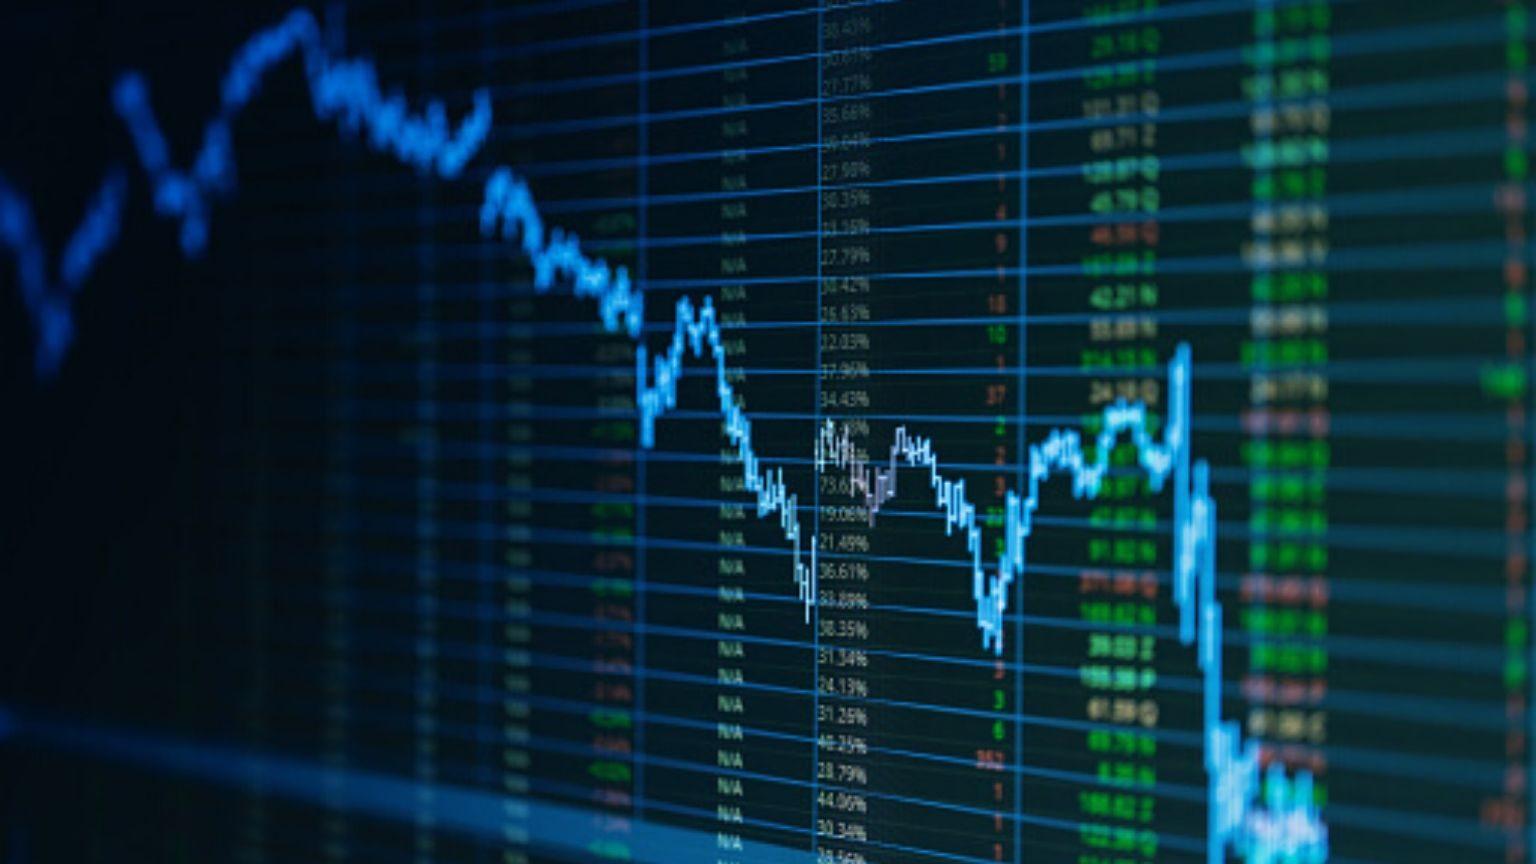 Full frame shot of stock market data